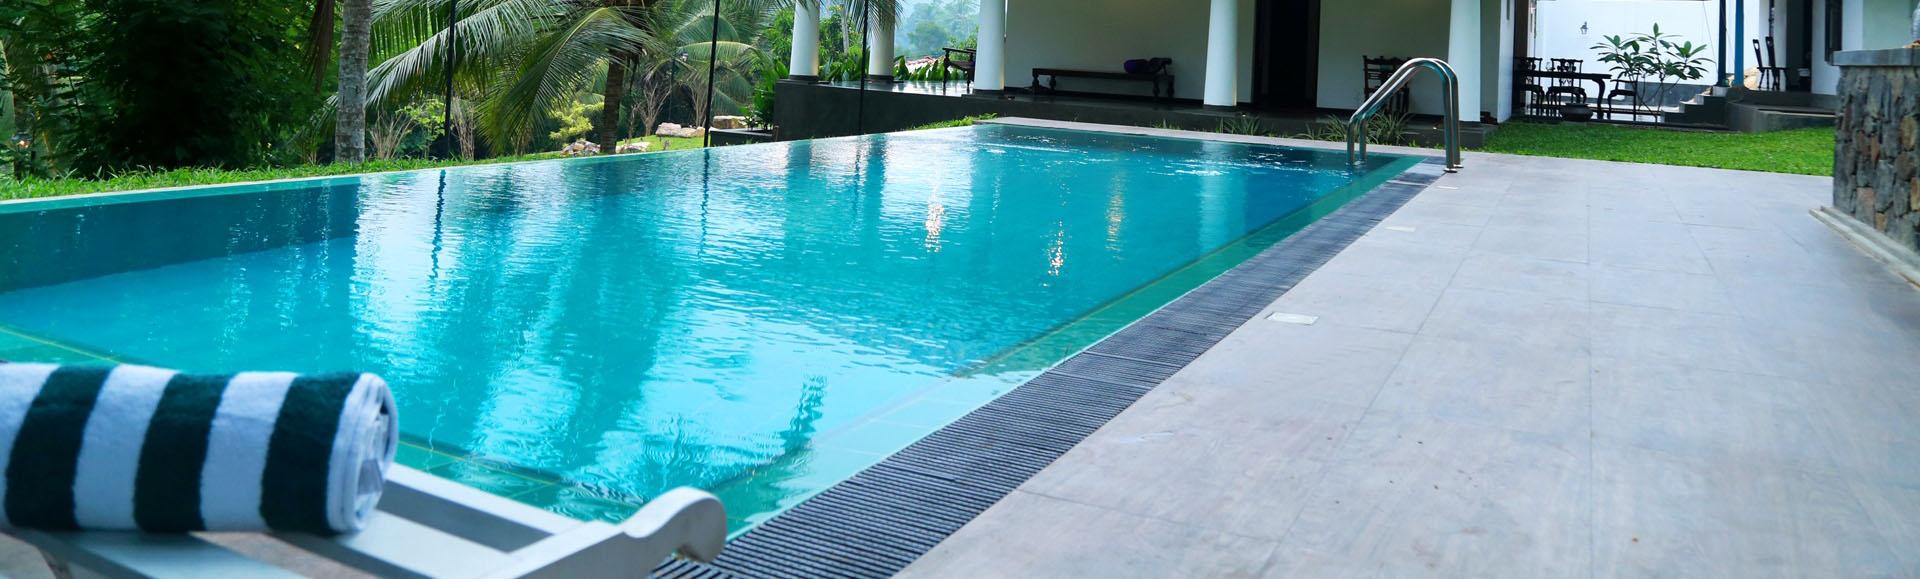 Quanto Costa Realizzare Una Piscina Lo Sapio Pools Piscine